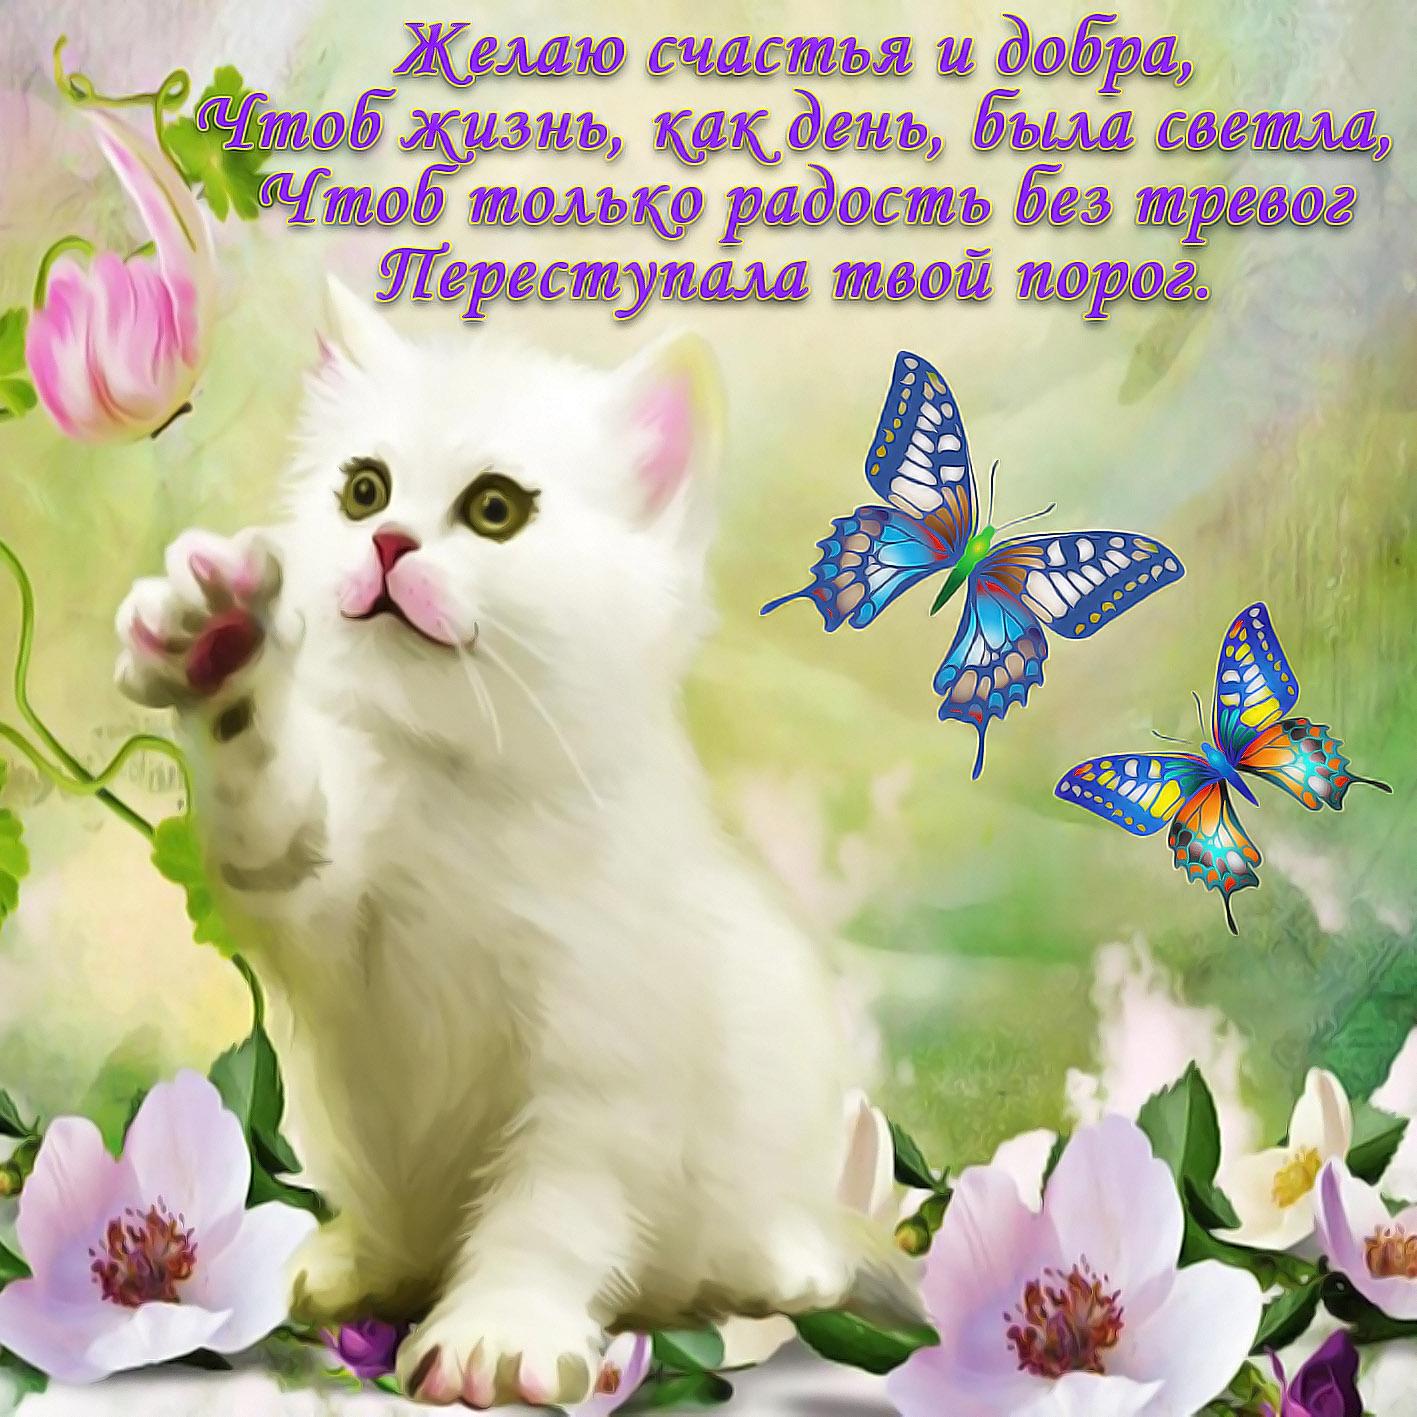 День, открытка с пожеланием добра и счастья женщине